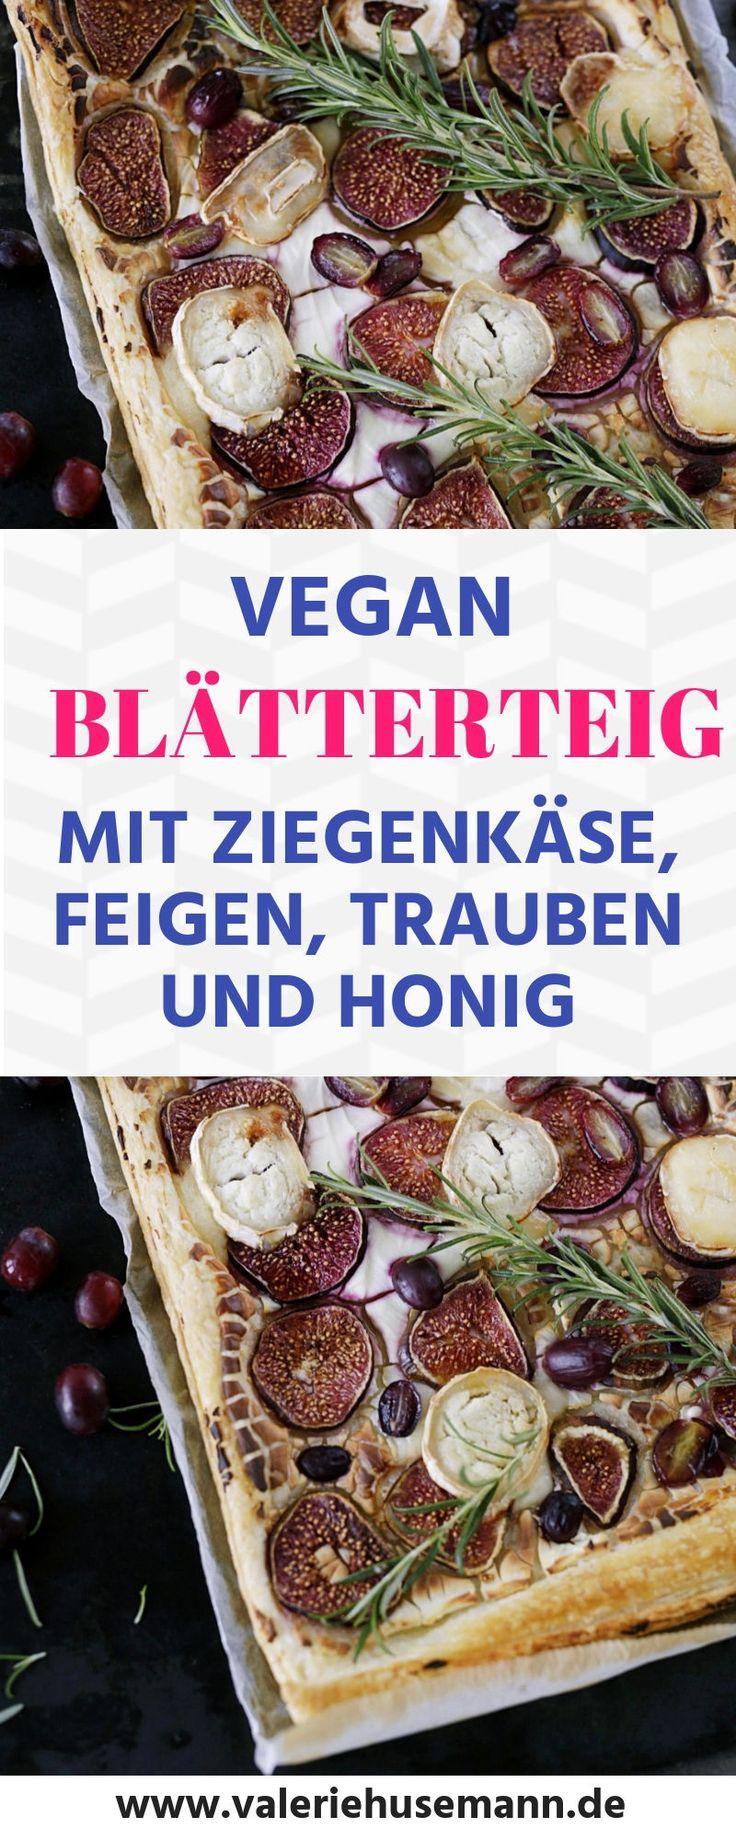 Blätterteig, ziegenkäse, feigen, trauben, honig, desserts, süßes, vegetarisc...